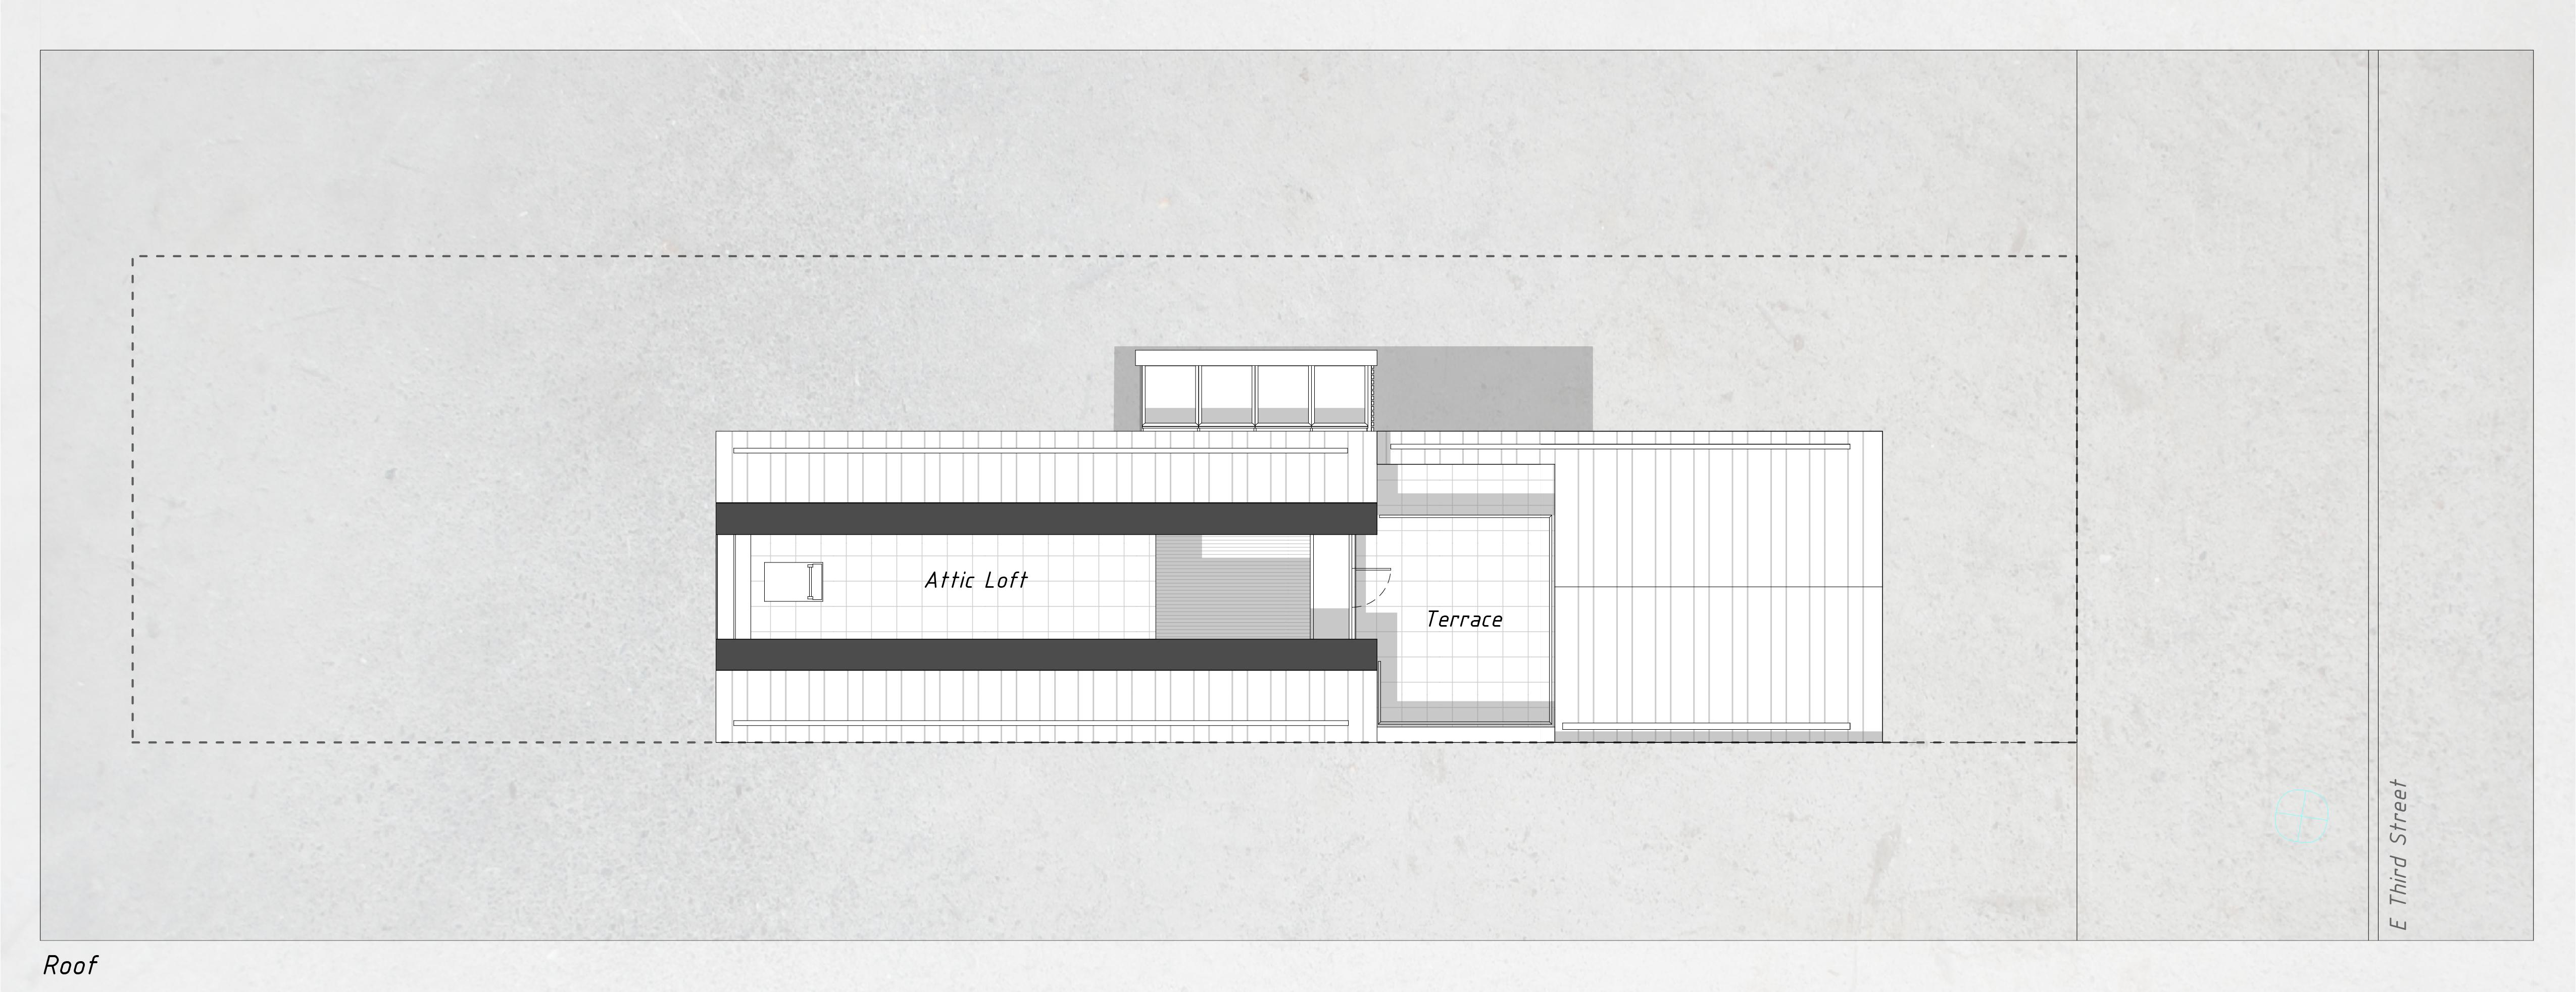 floorplans-02